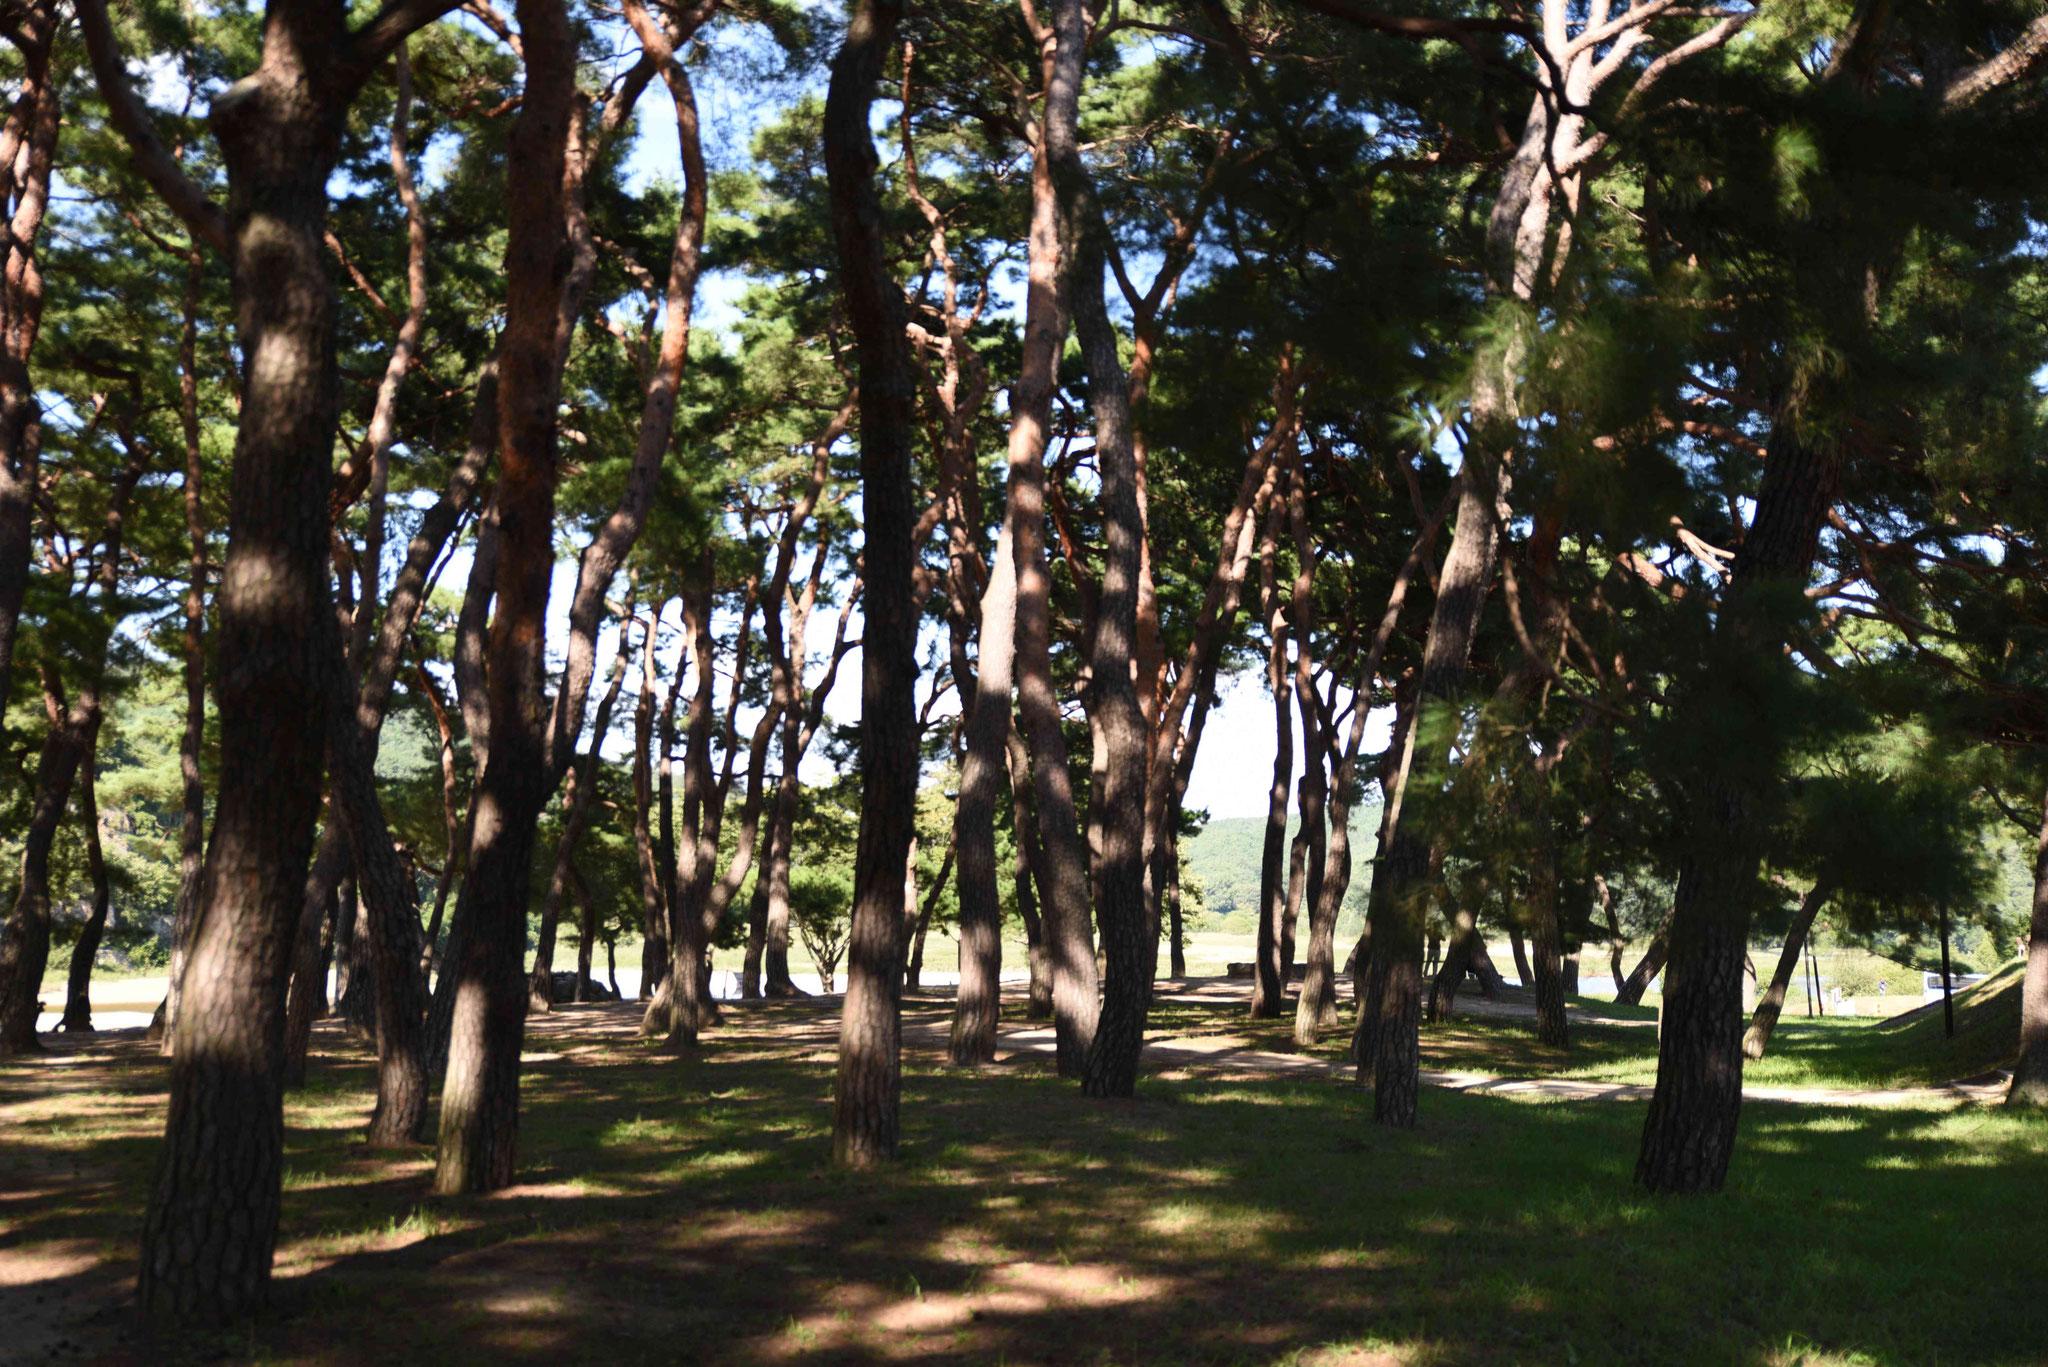 Herrliche Ruhe im Schatten der Bäume